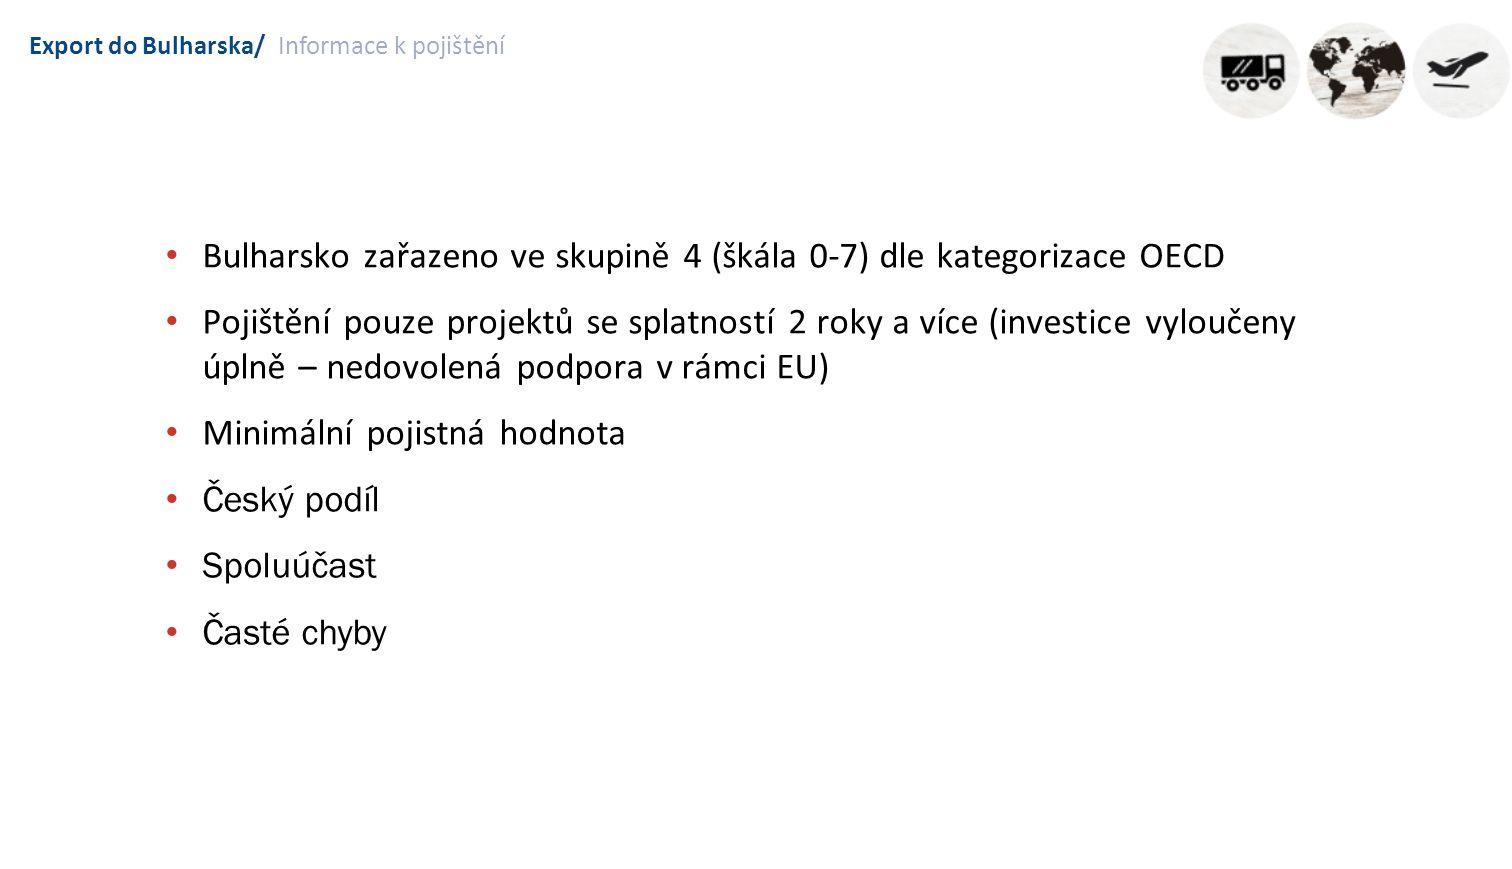 Export do Bulharska/Informace k pojištění Bulharsko zařazeno ve skupině 4 (škála 0-7) dle kategorizace OECD Pojištění pouze projektů se splatností 2 roky a více (investice vyloučeny úplně – nedovolená podpora v rámci EU) Minimální pojistná hodnota Český podíl Spoluúčast Časté chyby